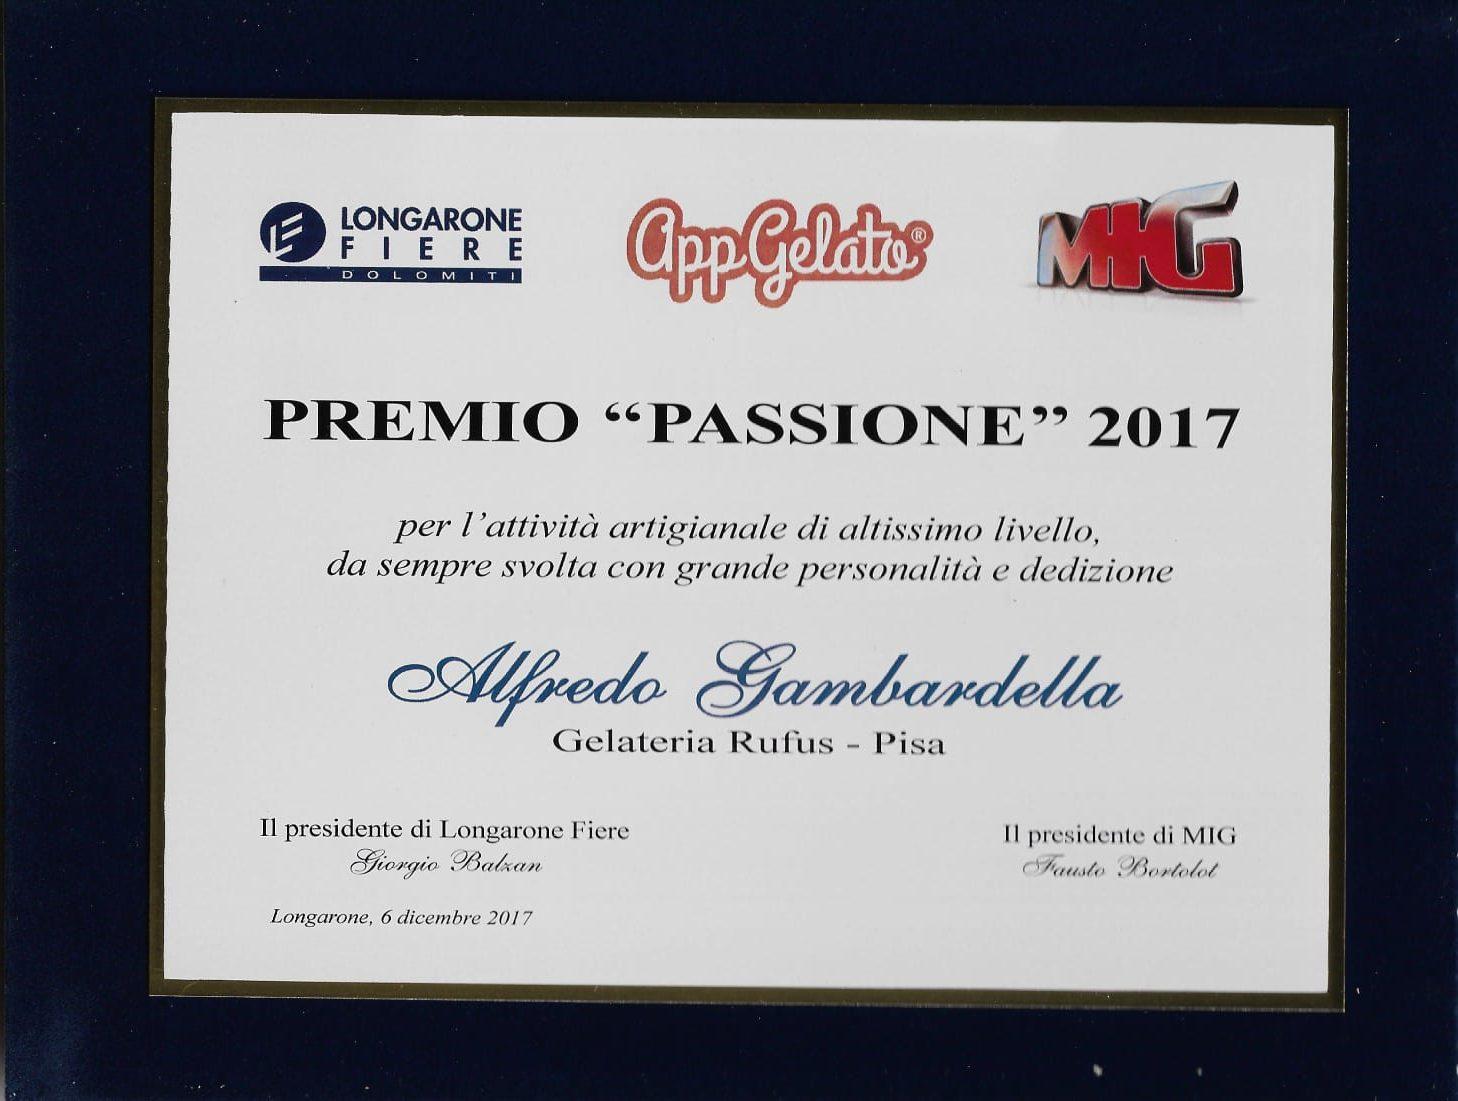 Premio passione